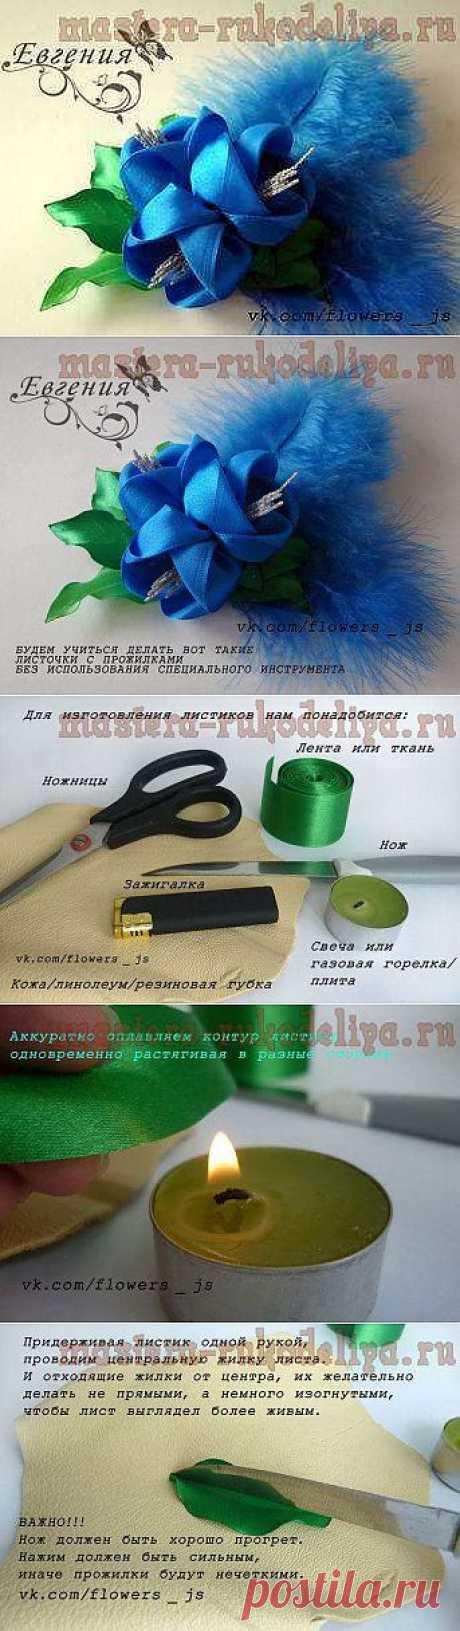 Мастера рукоделия - рукоделие для дома. Бесплатные мастер-классы, фото и видео уроки - Мастер-класс: Прожилки на листьях без спец. инструмента